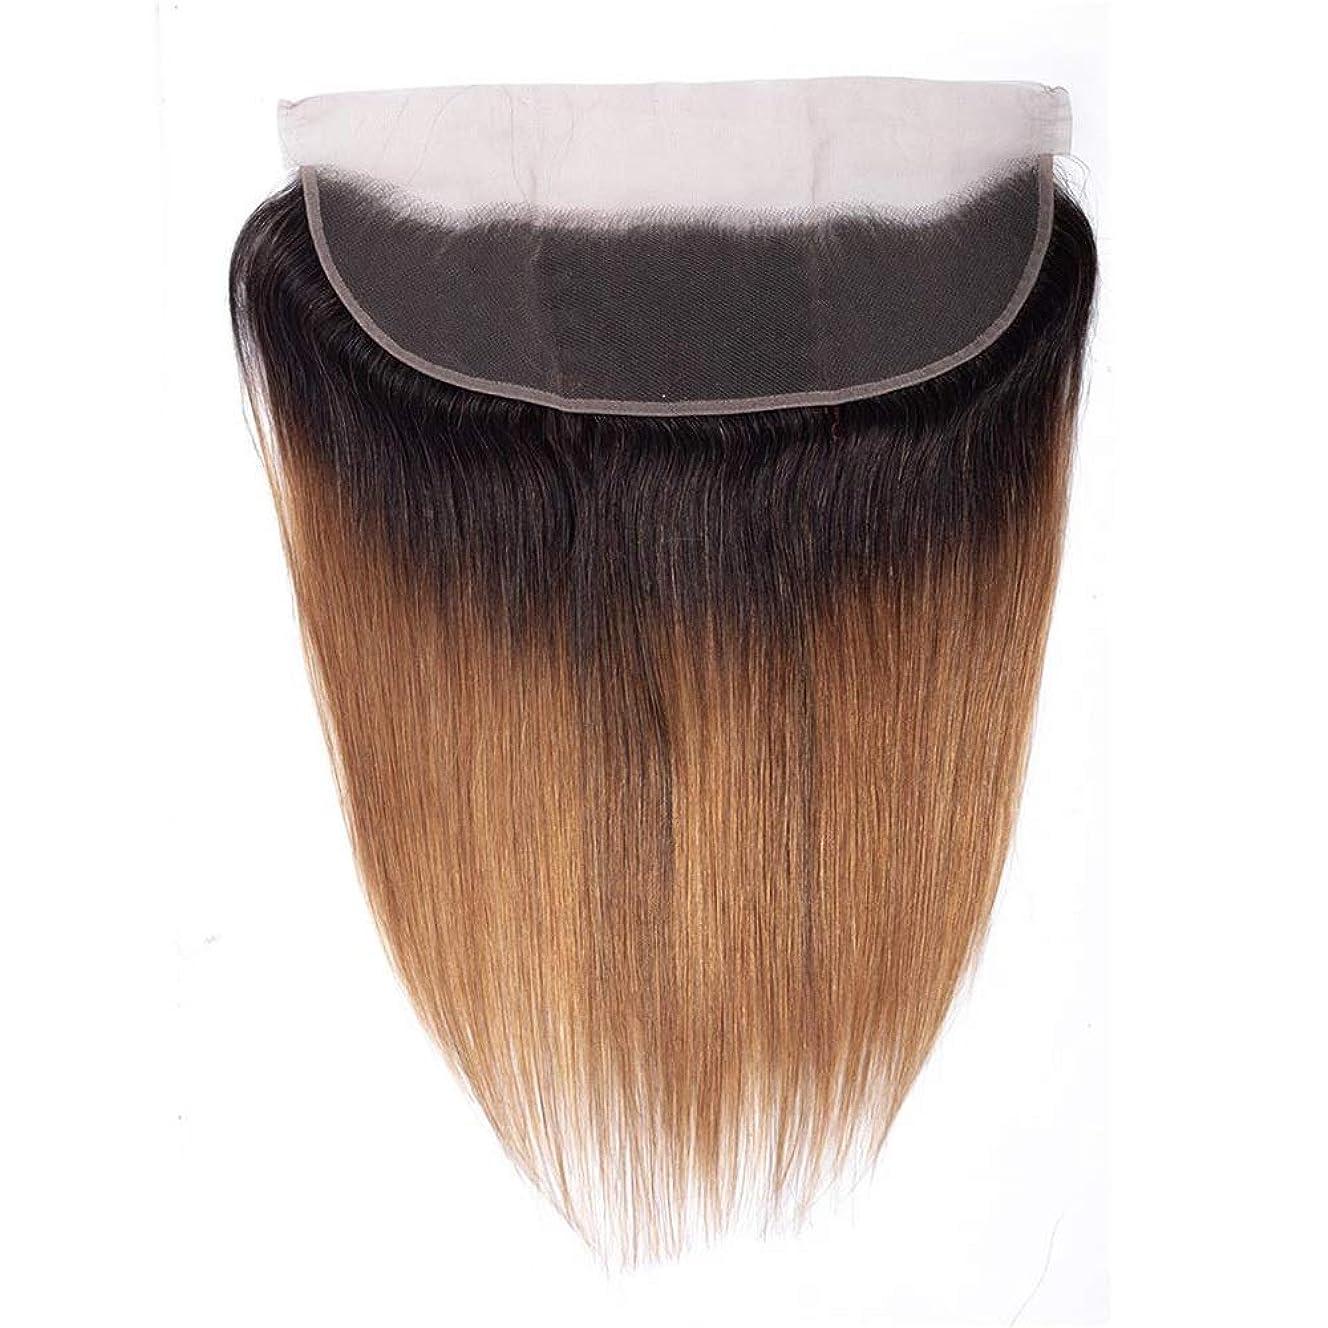 スクリーチ機知に富んだ裏切り者HOHYLLYA ブラジルの人間の髪の毛ストレート13 * 4レースクロージャー1B / 30黒から茶色の2トーンの色(8インチ18インチ)かつらショートかつら (色 : ブラウン, サイズ : 16 inch)